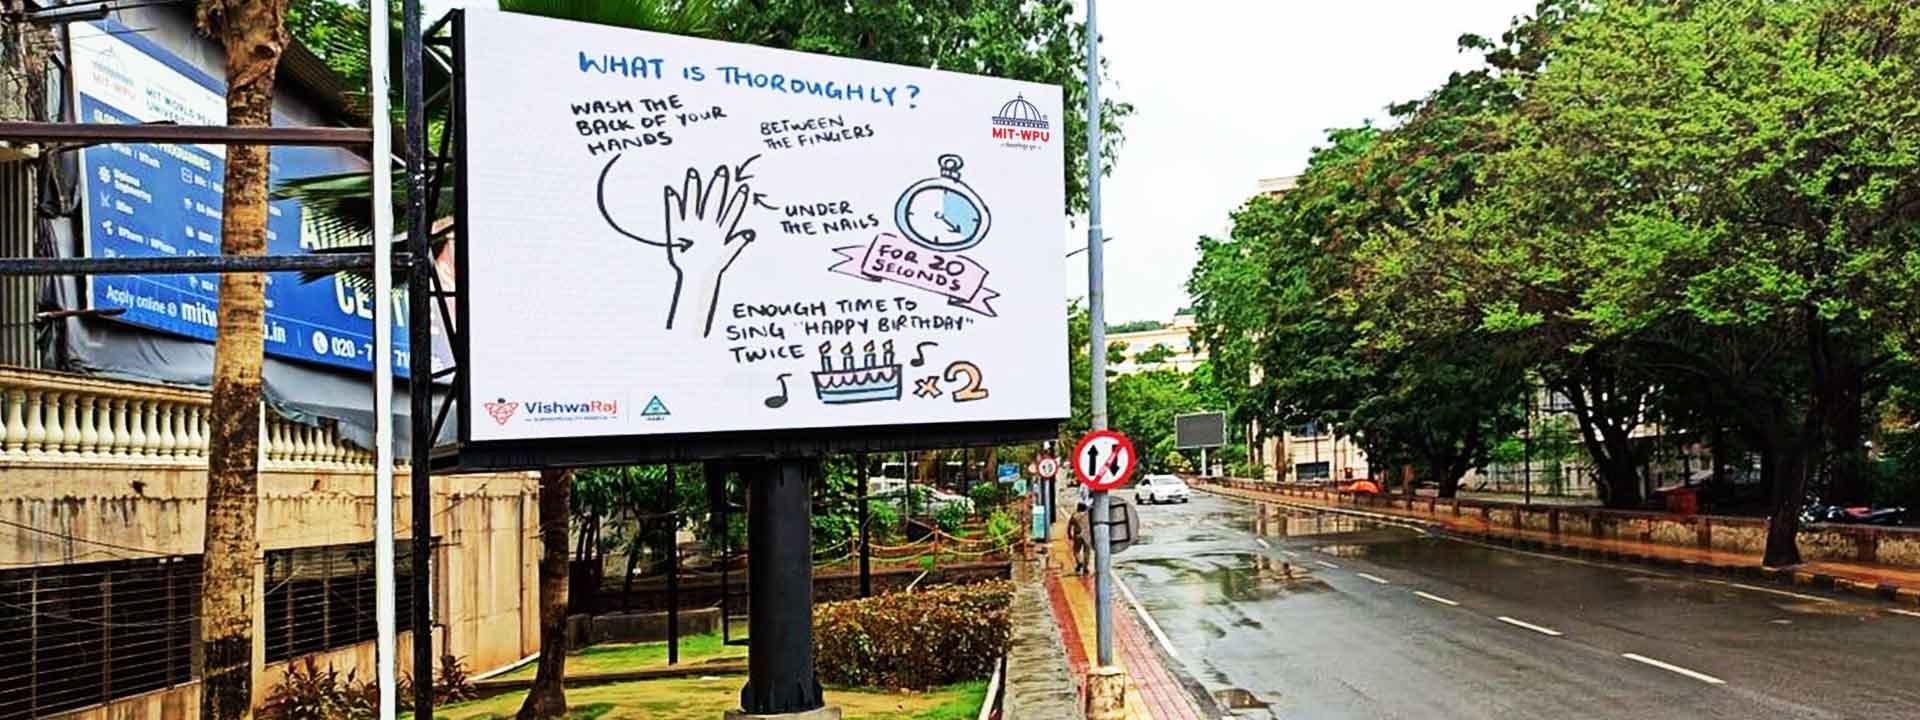 MIT Pune banner